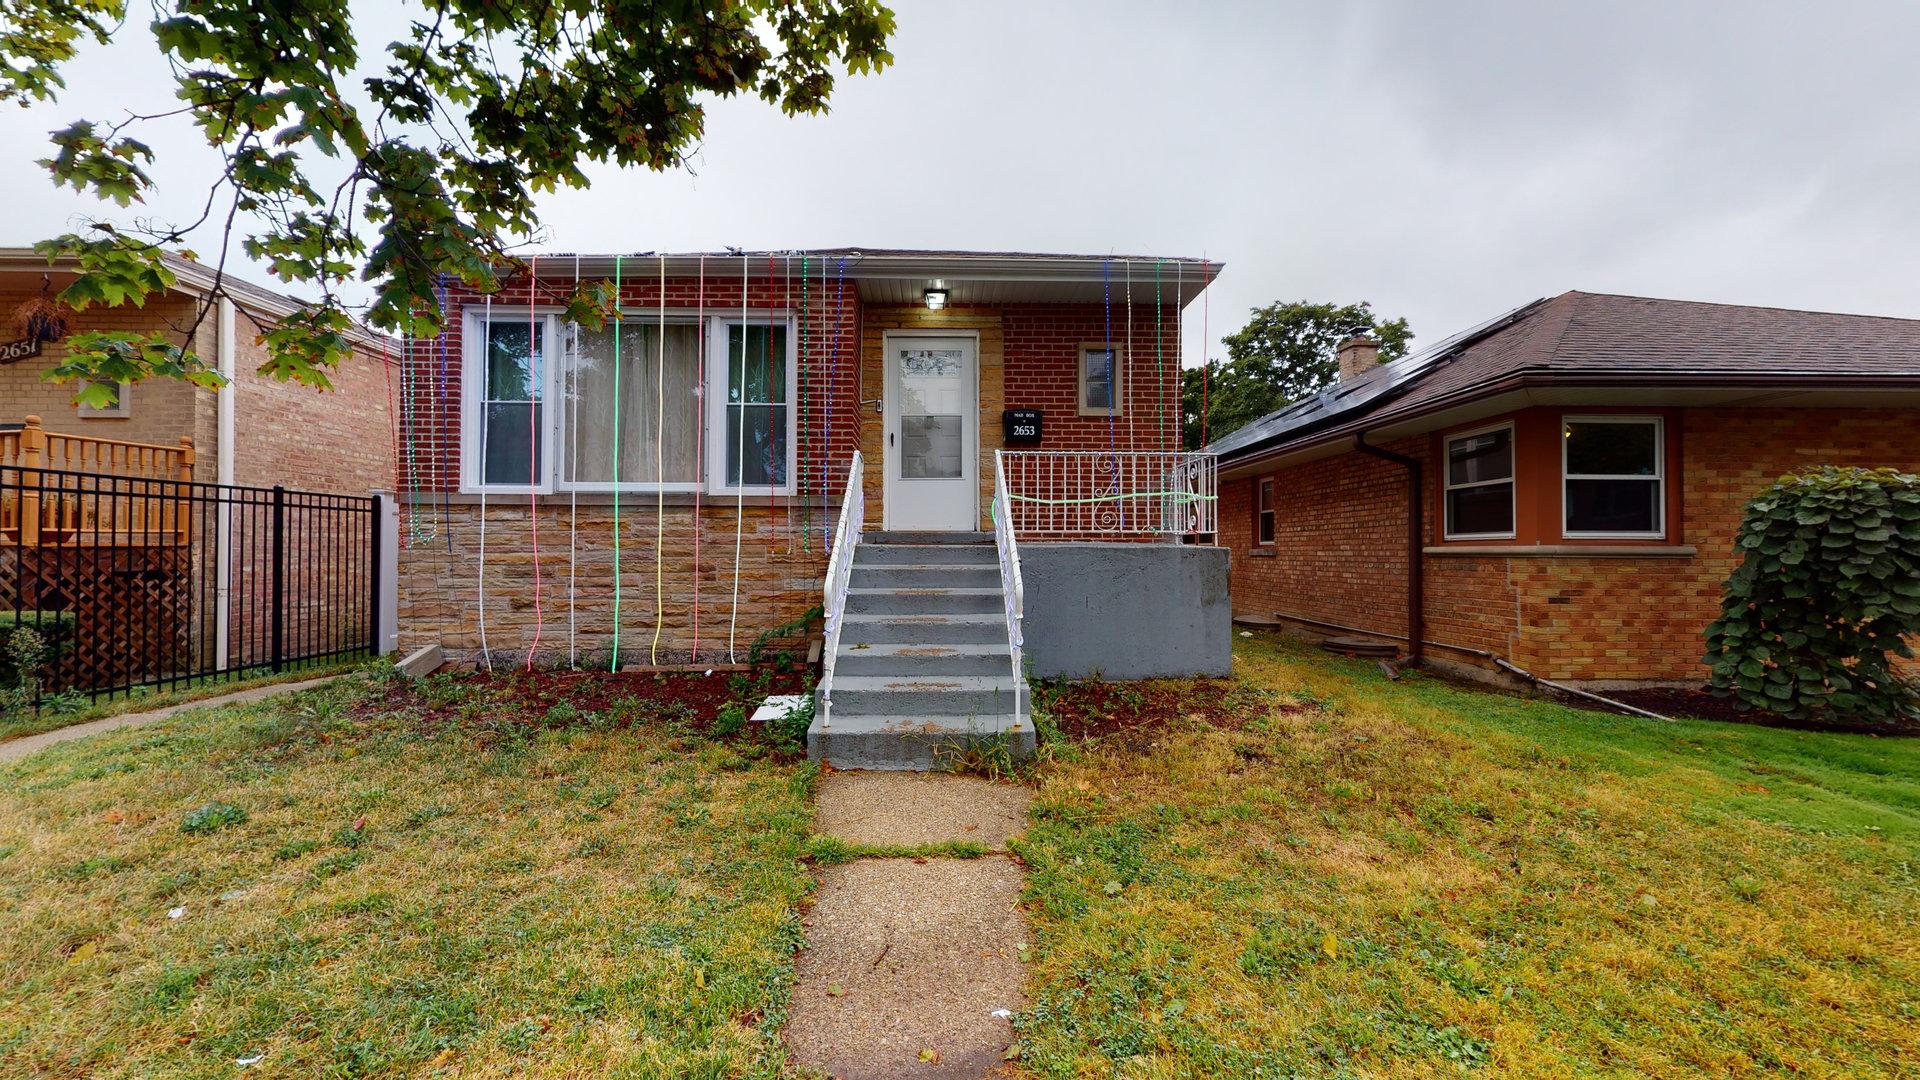 2653 W Pratt Exterior Photo